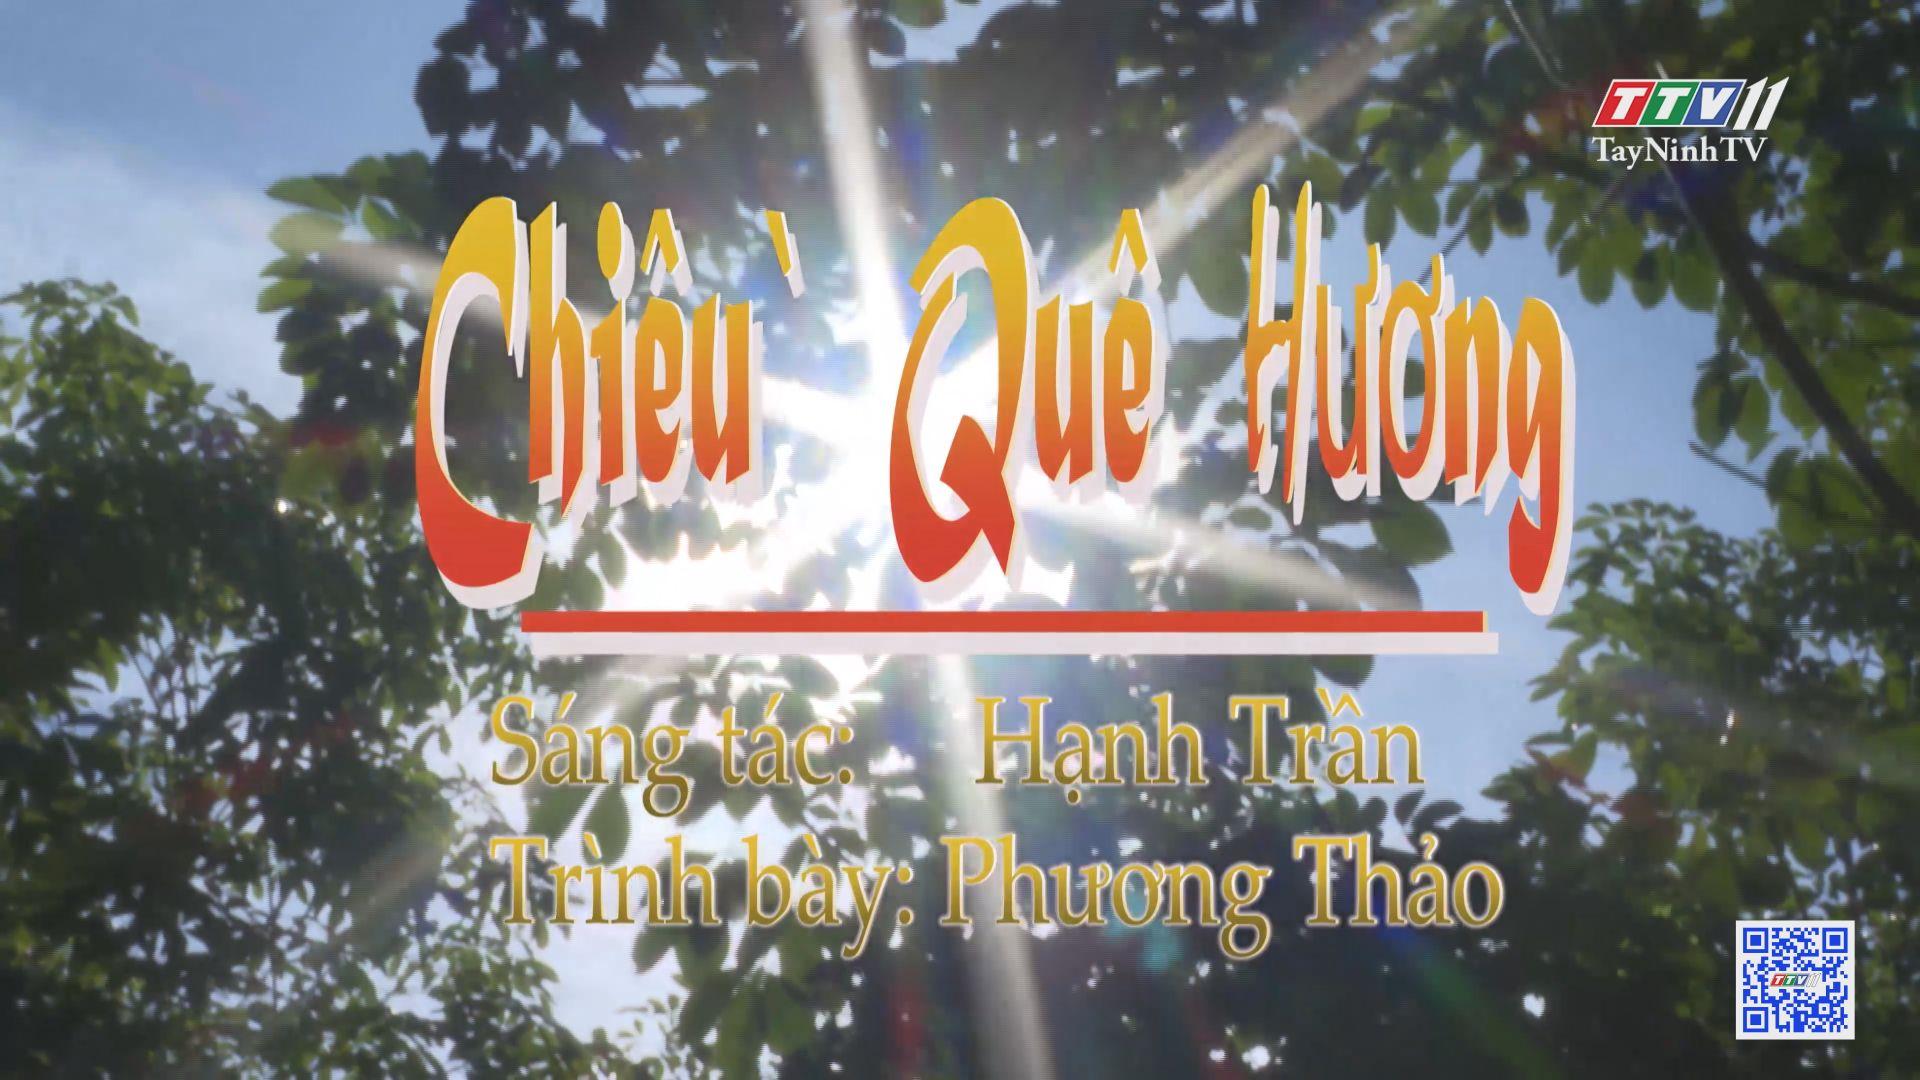 Chiều quên hương |TUYỂN TẬP KARAOKE Tây Ninh tình yêu trong tôi | TayNinhTV